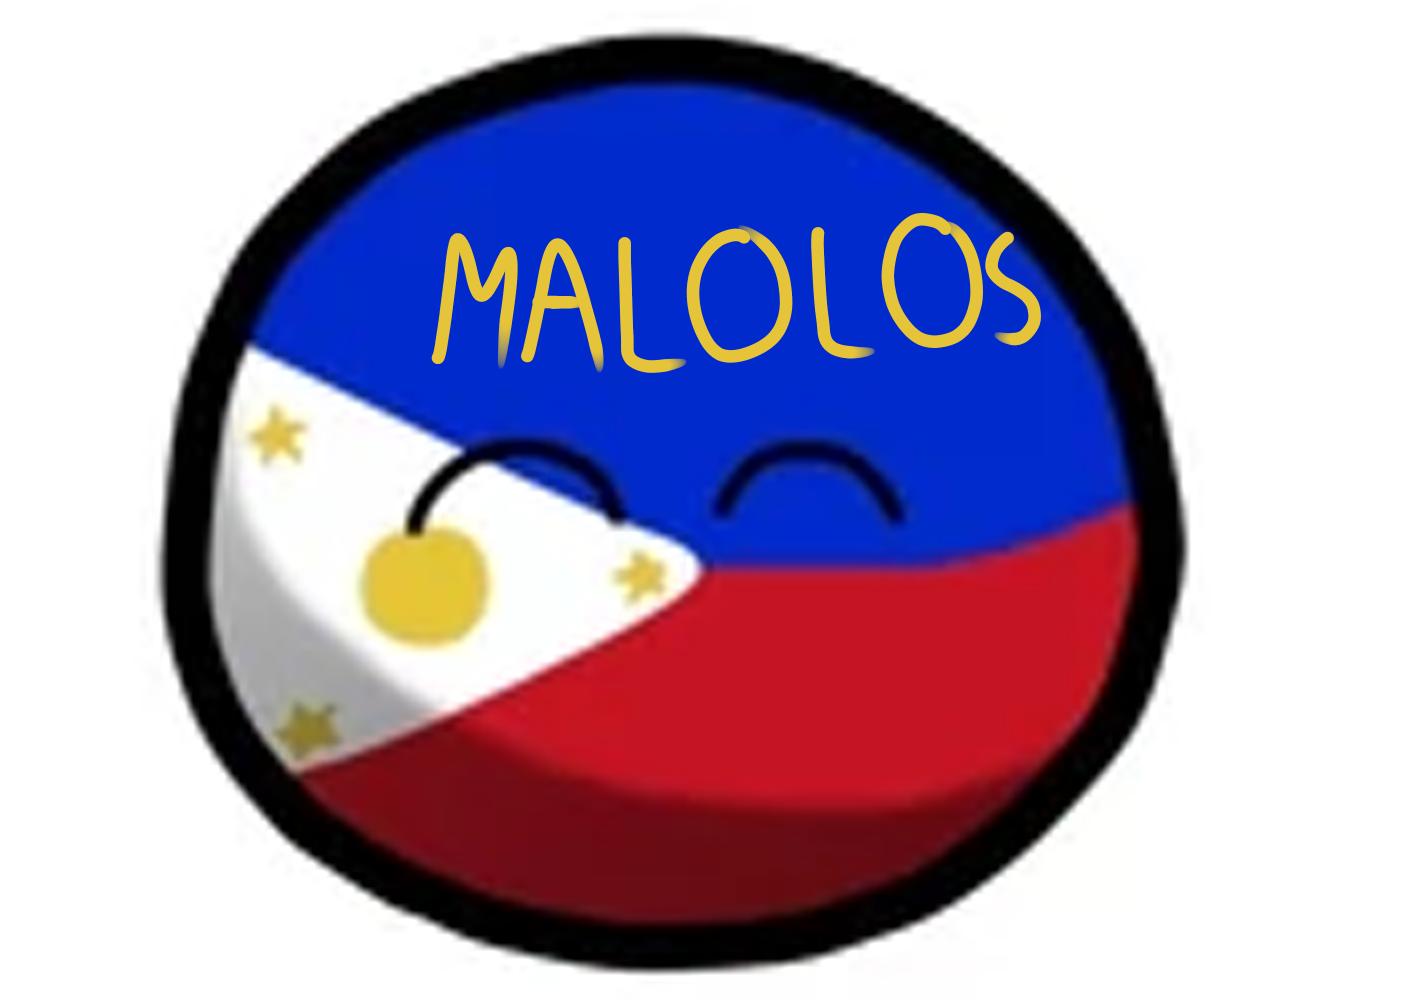 Malolosball